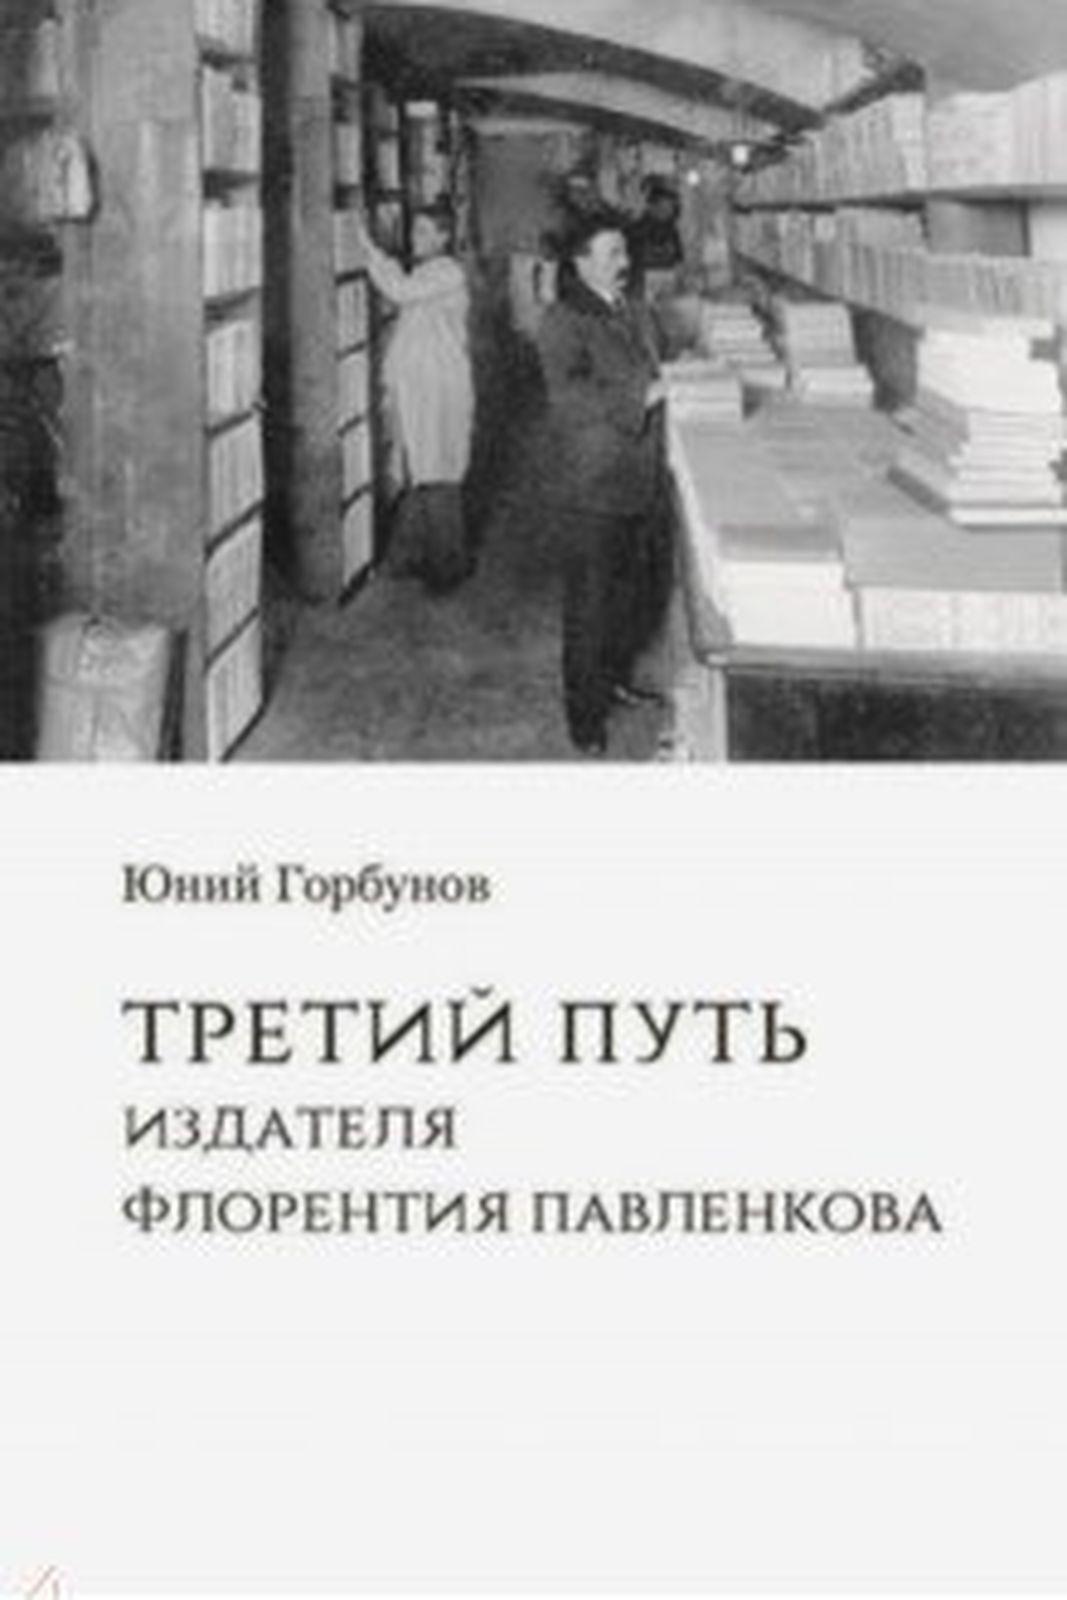 Юний Горбунов Третий путь издателя Флорентия Павленкова